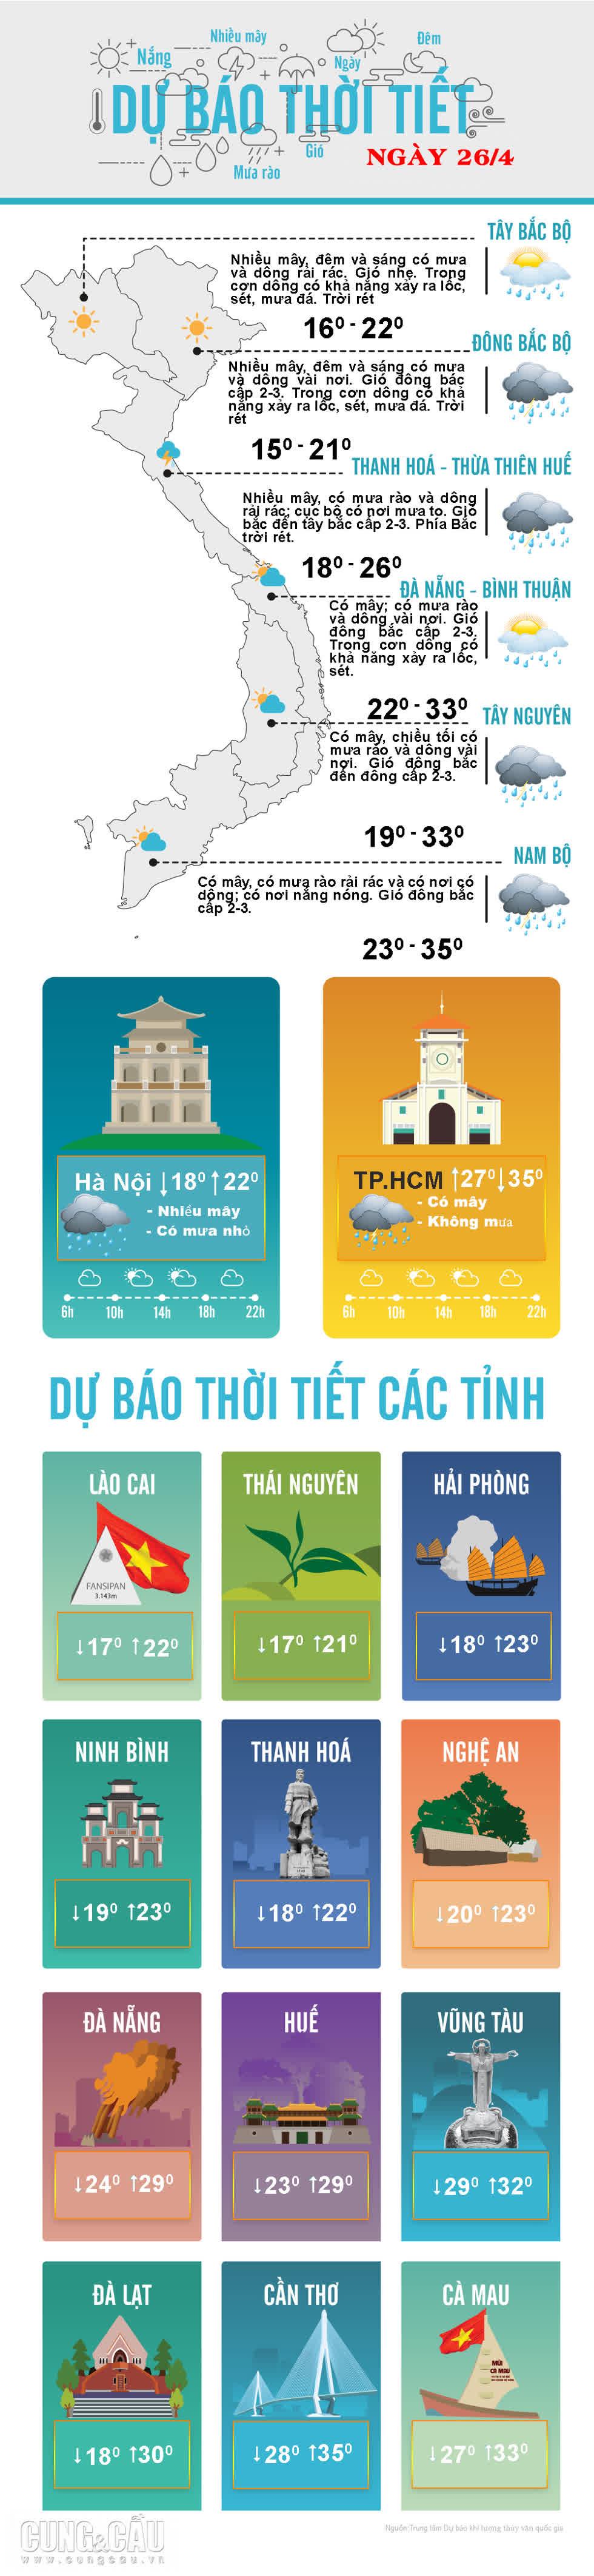 Thời tiết ngày 26/4: Hà Nội có mưa rào và dông